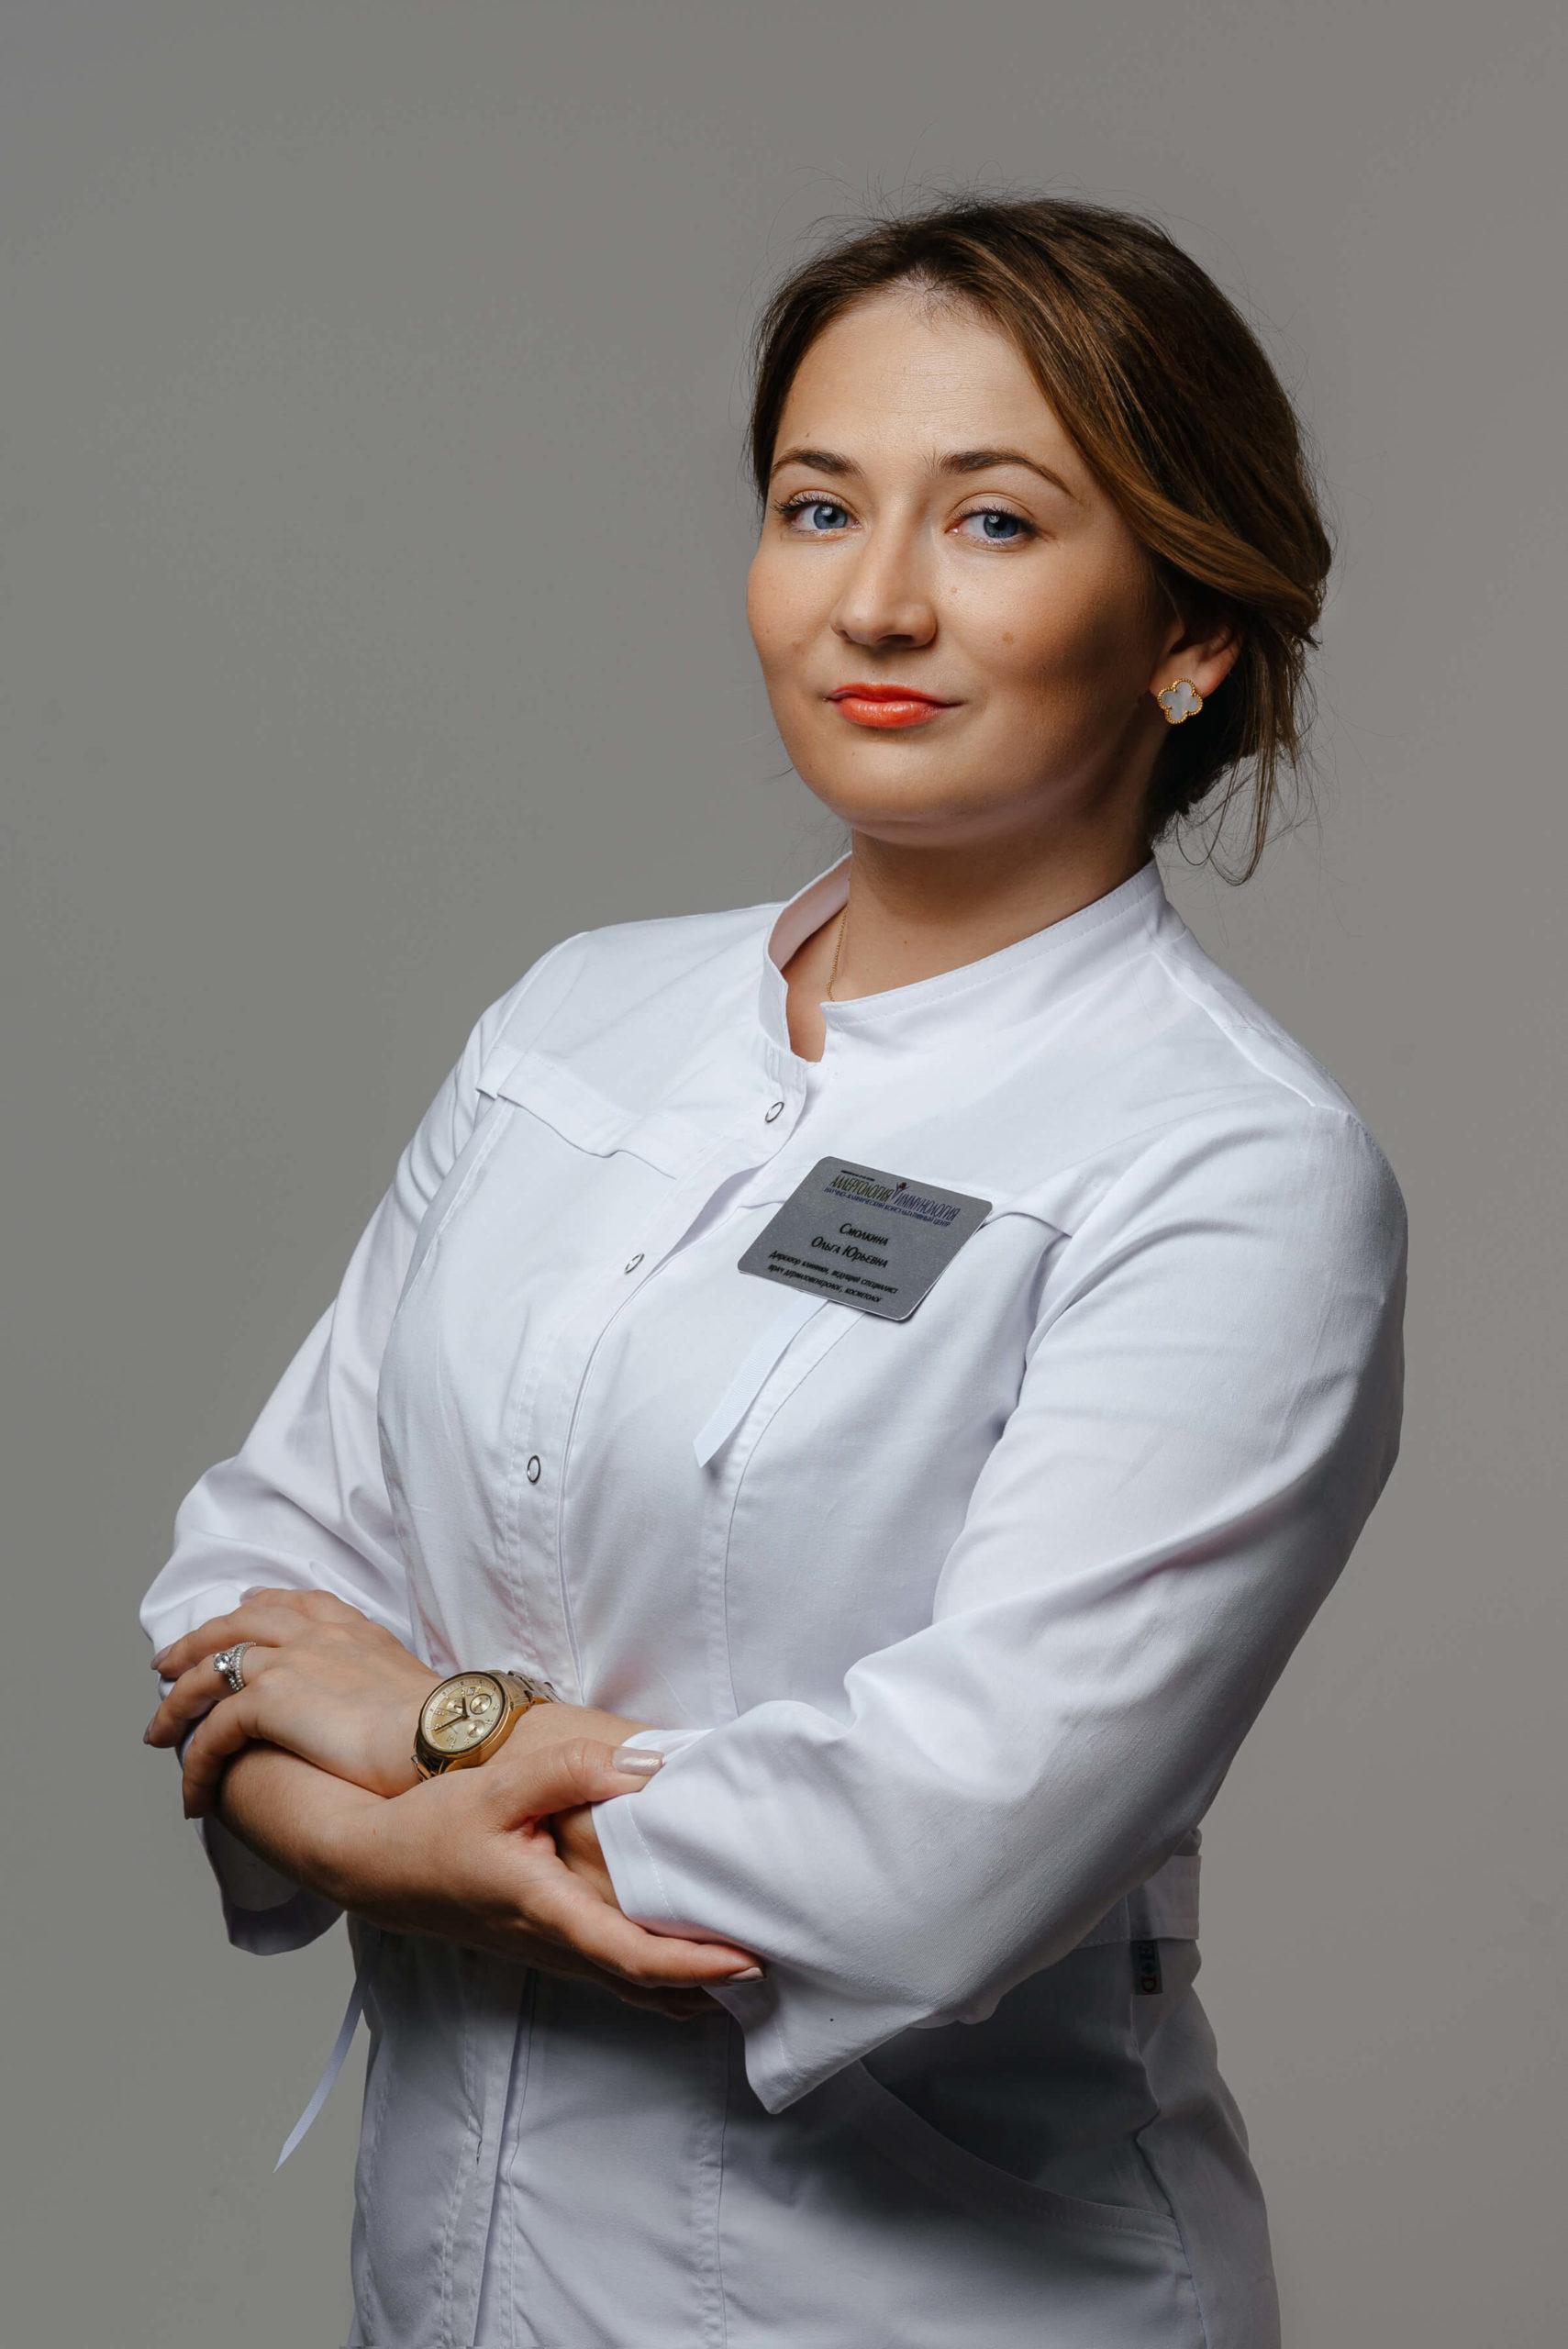 Смолкина Ольга Юрьевна